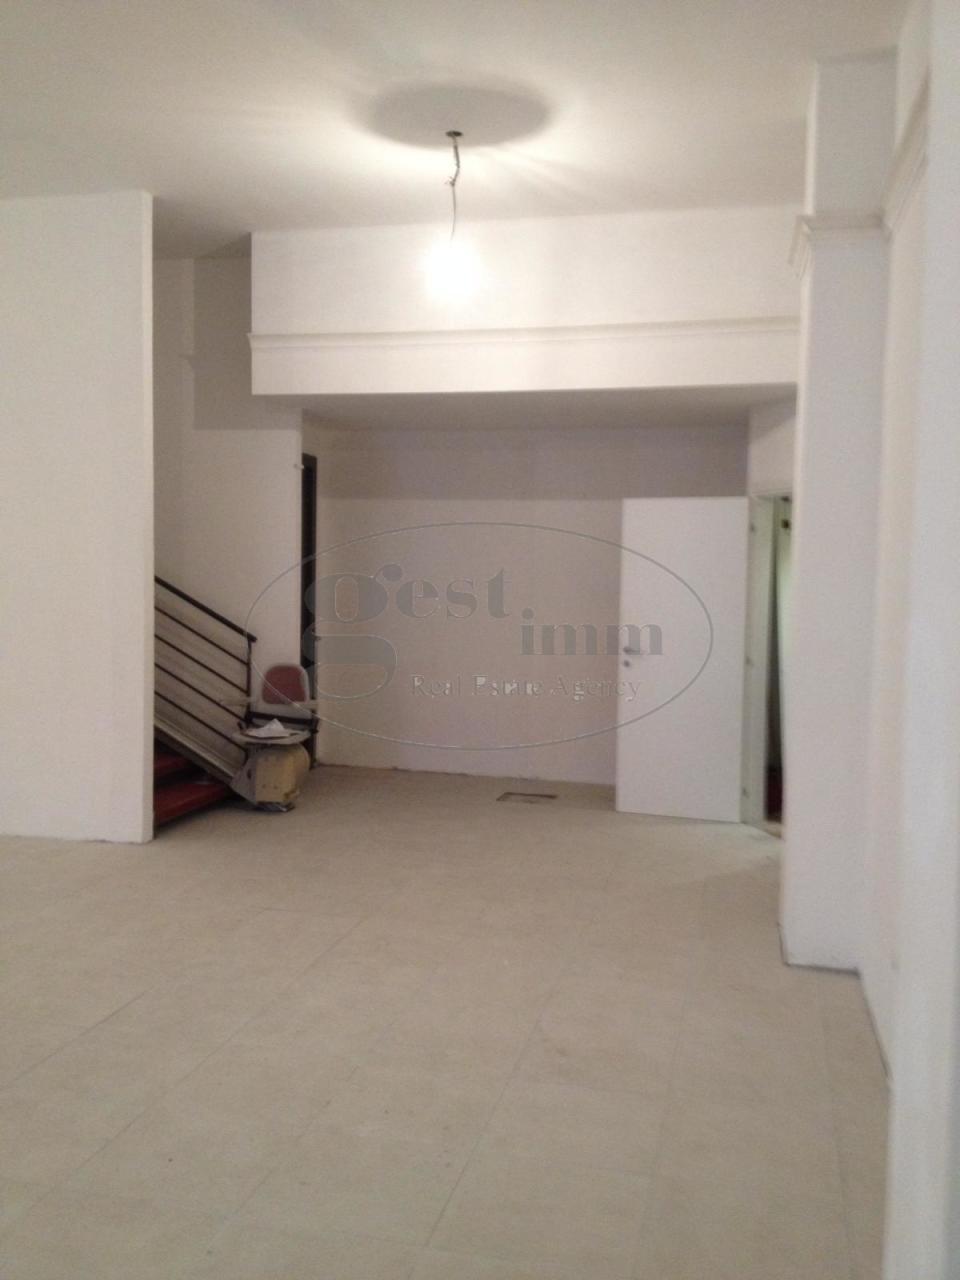 Locale comm.le/Fondo in affitto - Centro, Livorno